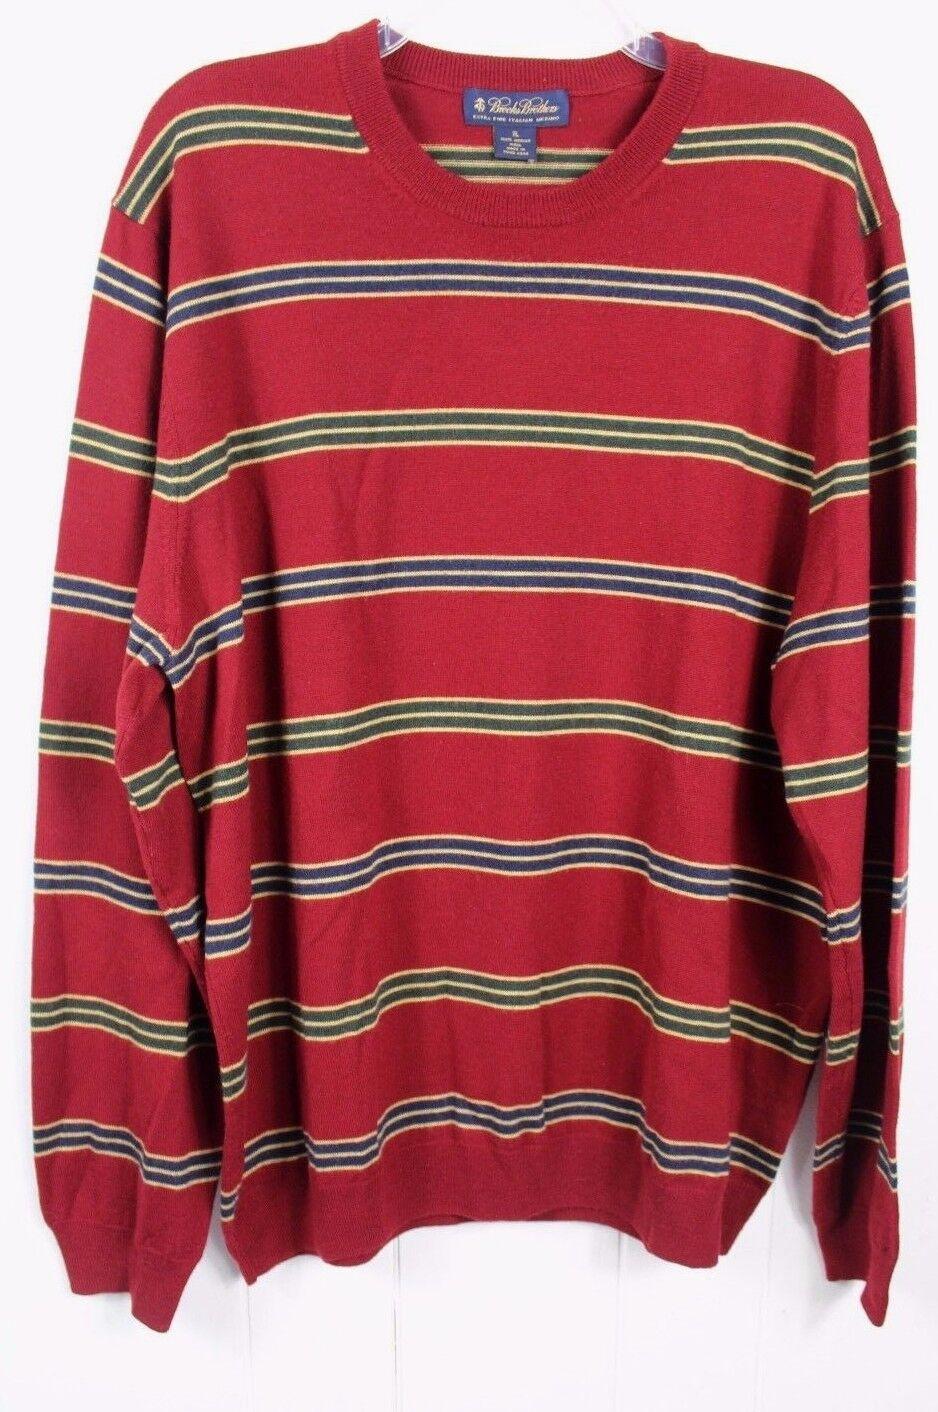 Brooks Bredhers Mens Size XL Maroon Extra fine Merino Italian Wool Crew Sweater